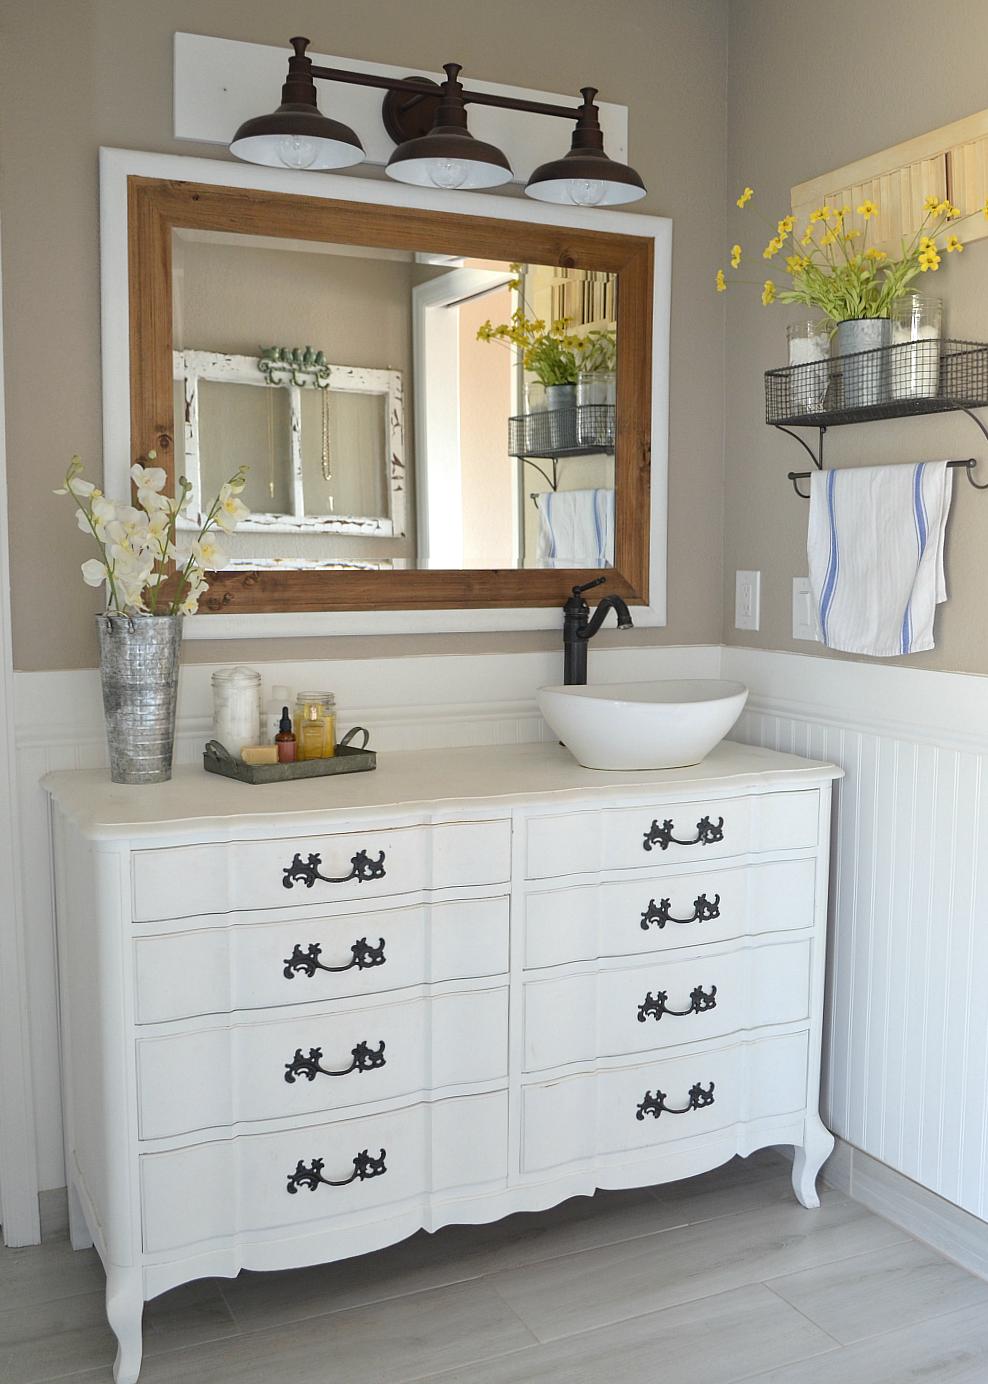 Honest Review of My Chalk Painted Bathroom Vanities | Paint bathroom ...